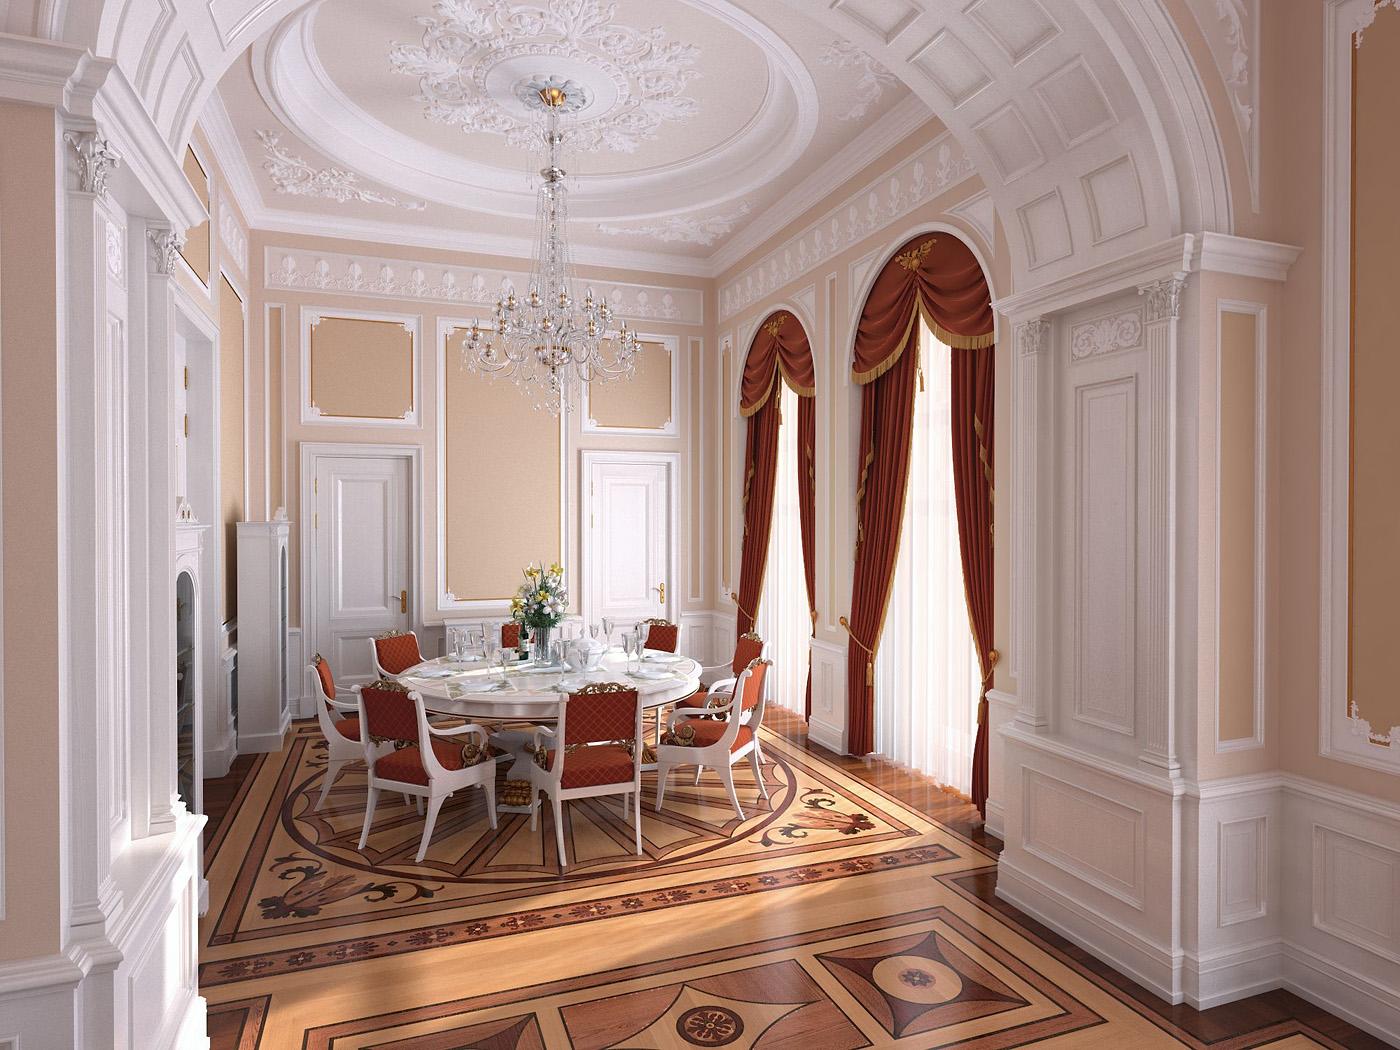 dining_room_cam_2_by_i_t_h_i_l-d32ynrv.jpg